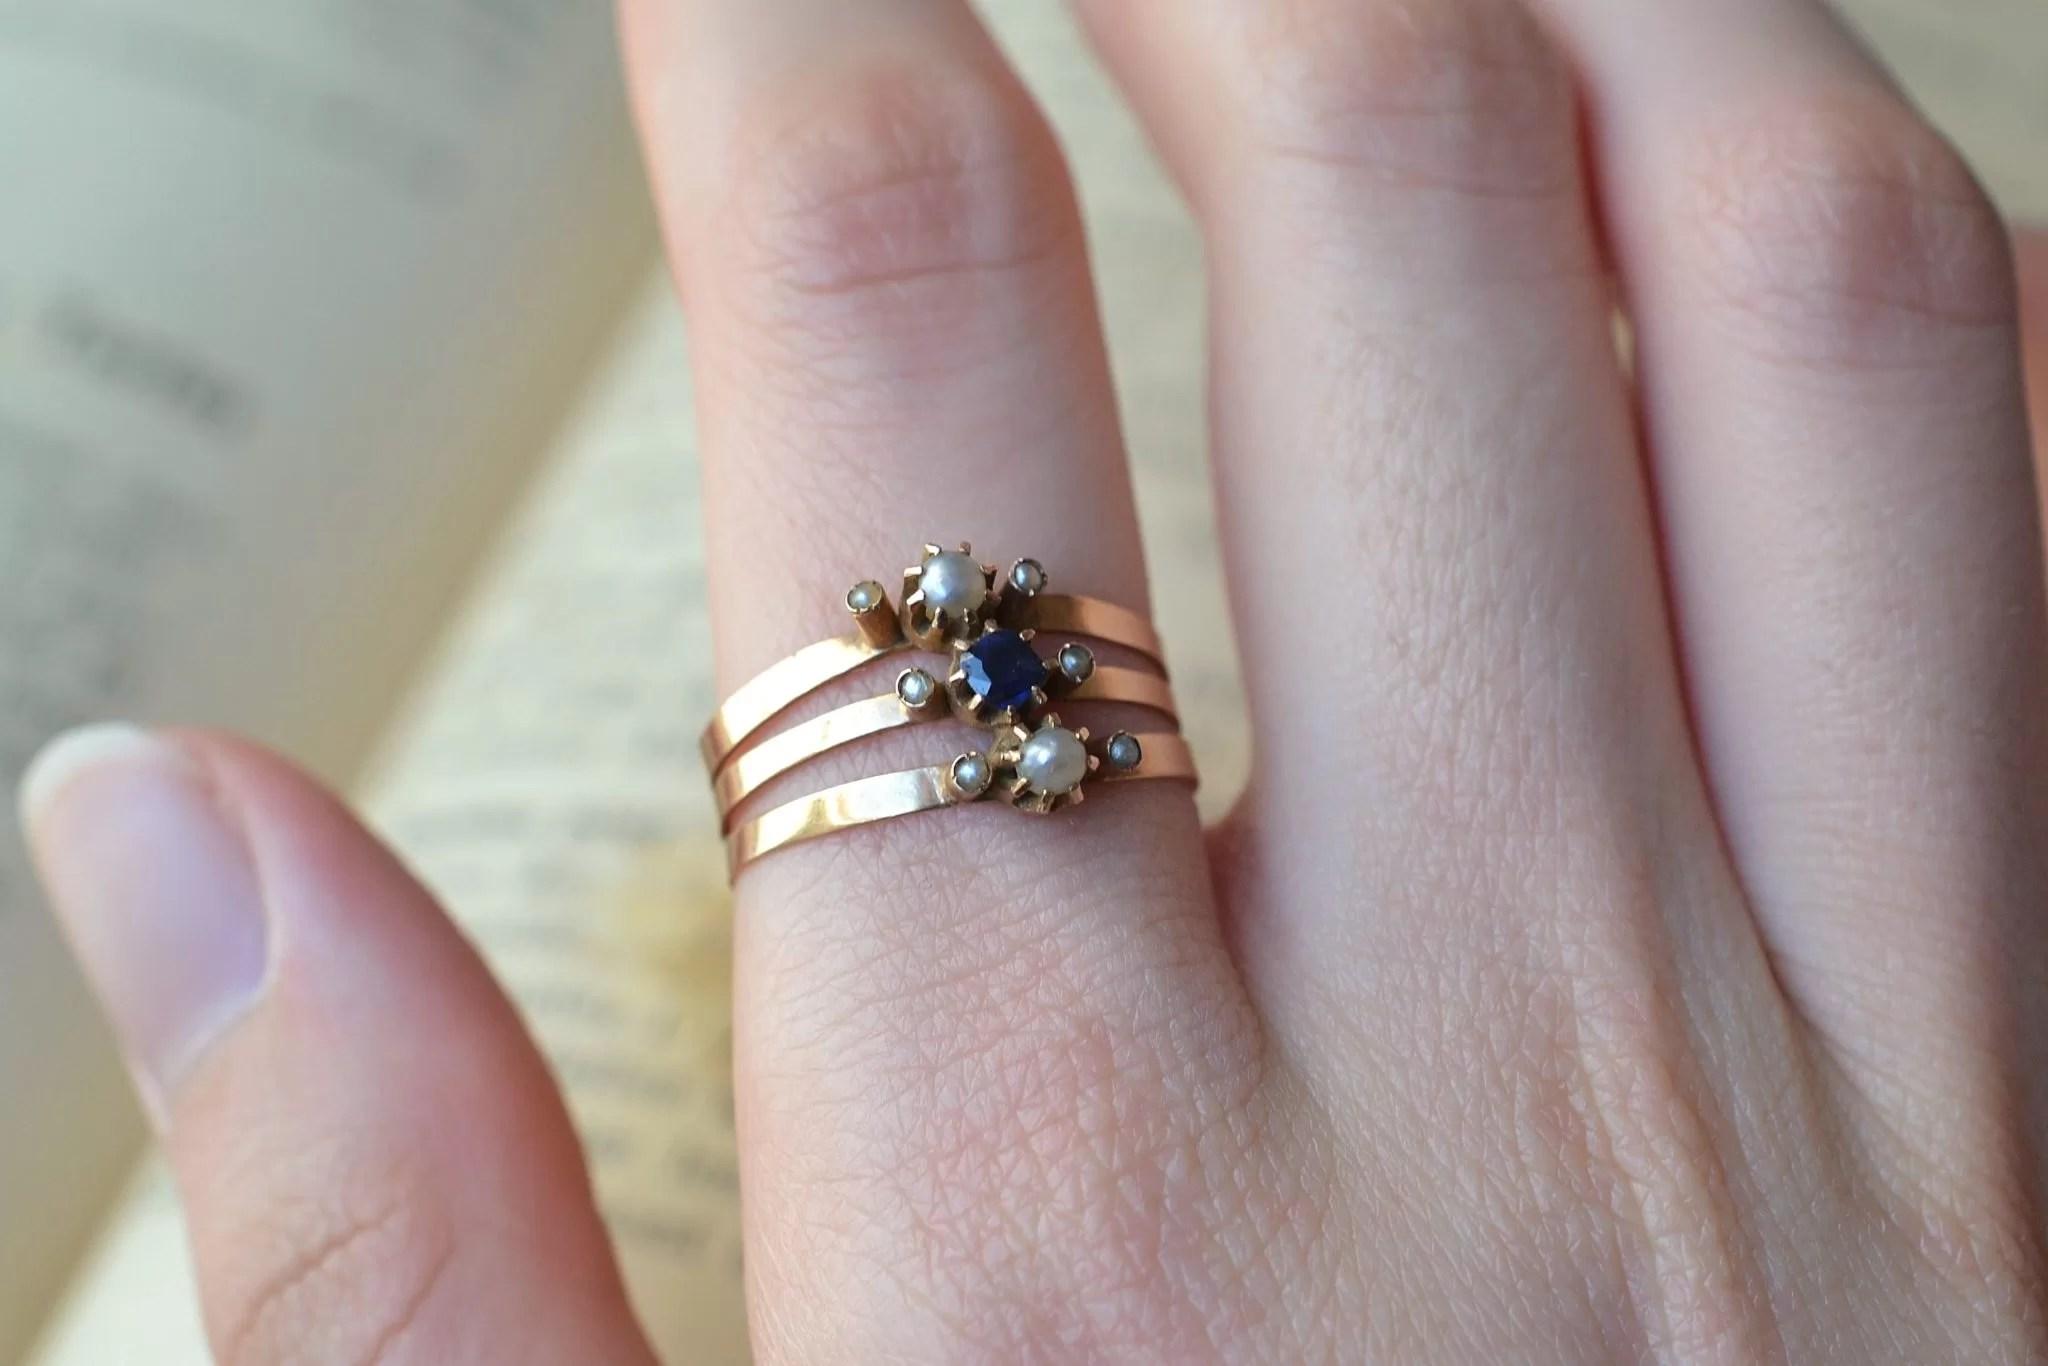 Bague en Or jaune sertie de perles et d_une pierre bleue centrale. Fin XIXe-début XXe - bague d_époque